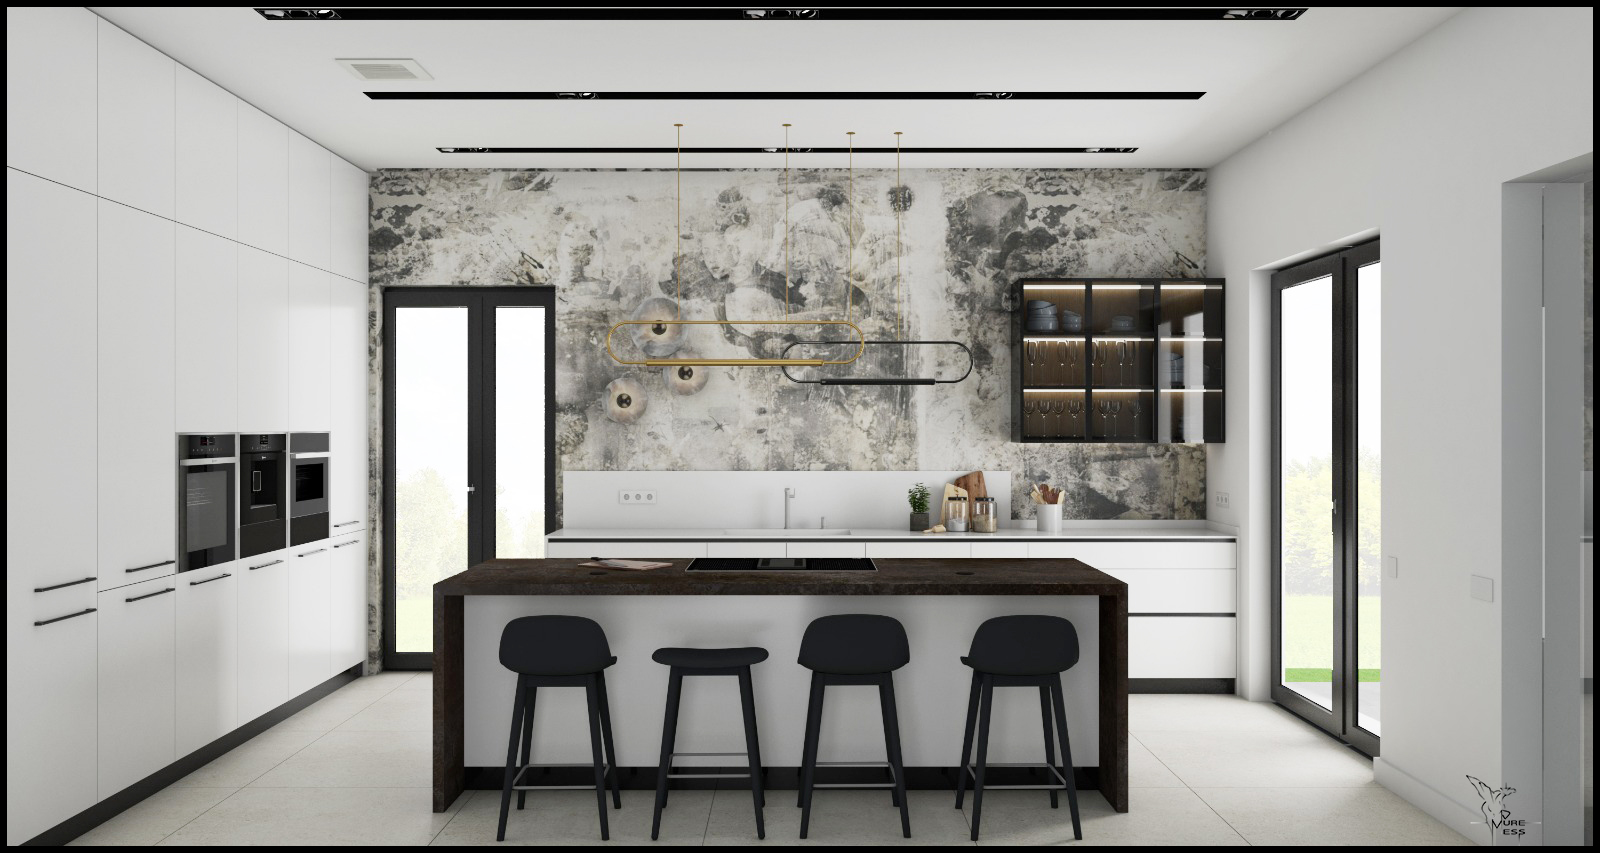 bucatarie-arhitect-designer-sergiu-califar-pure-mess-design-6